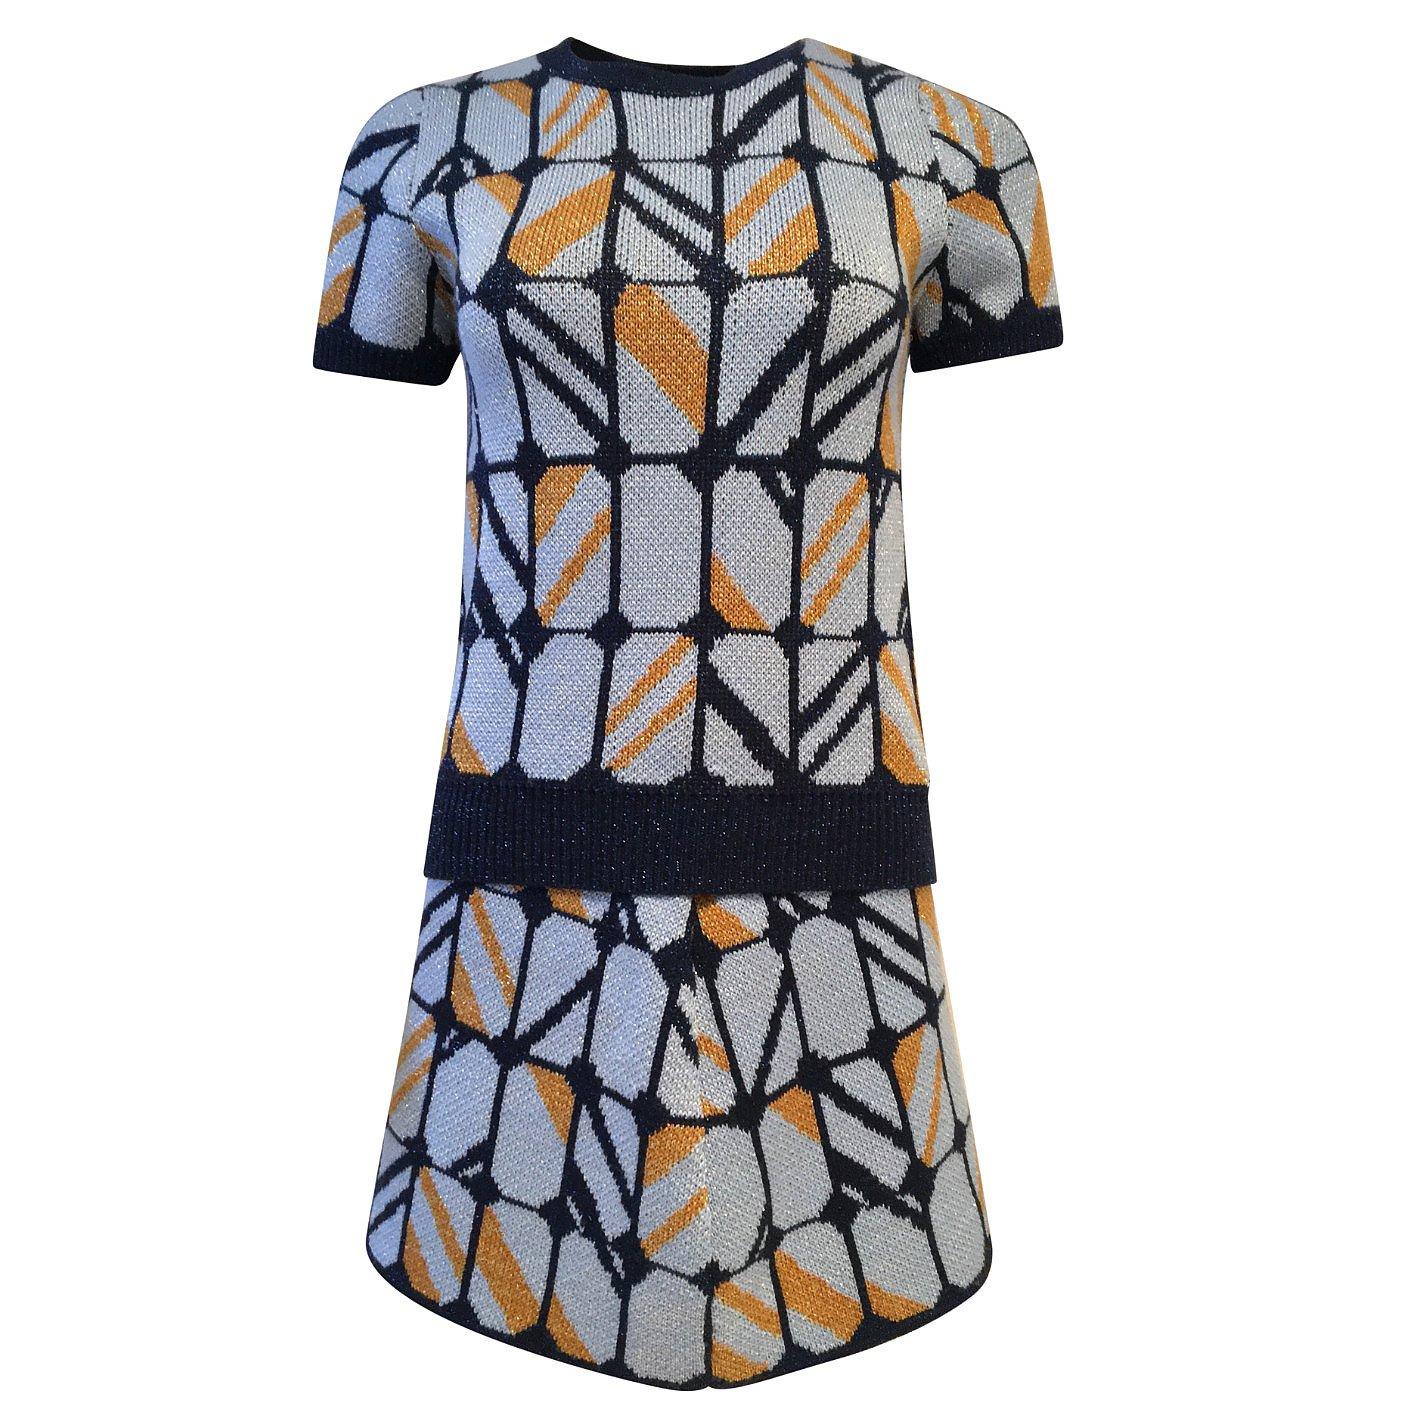 Miu Miu Intarsia Top & Skirt Set